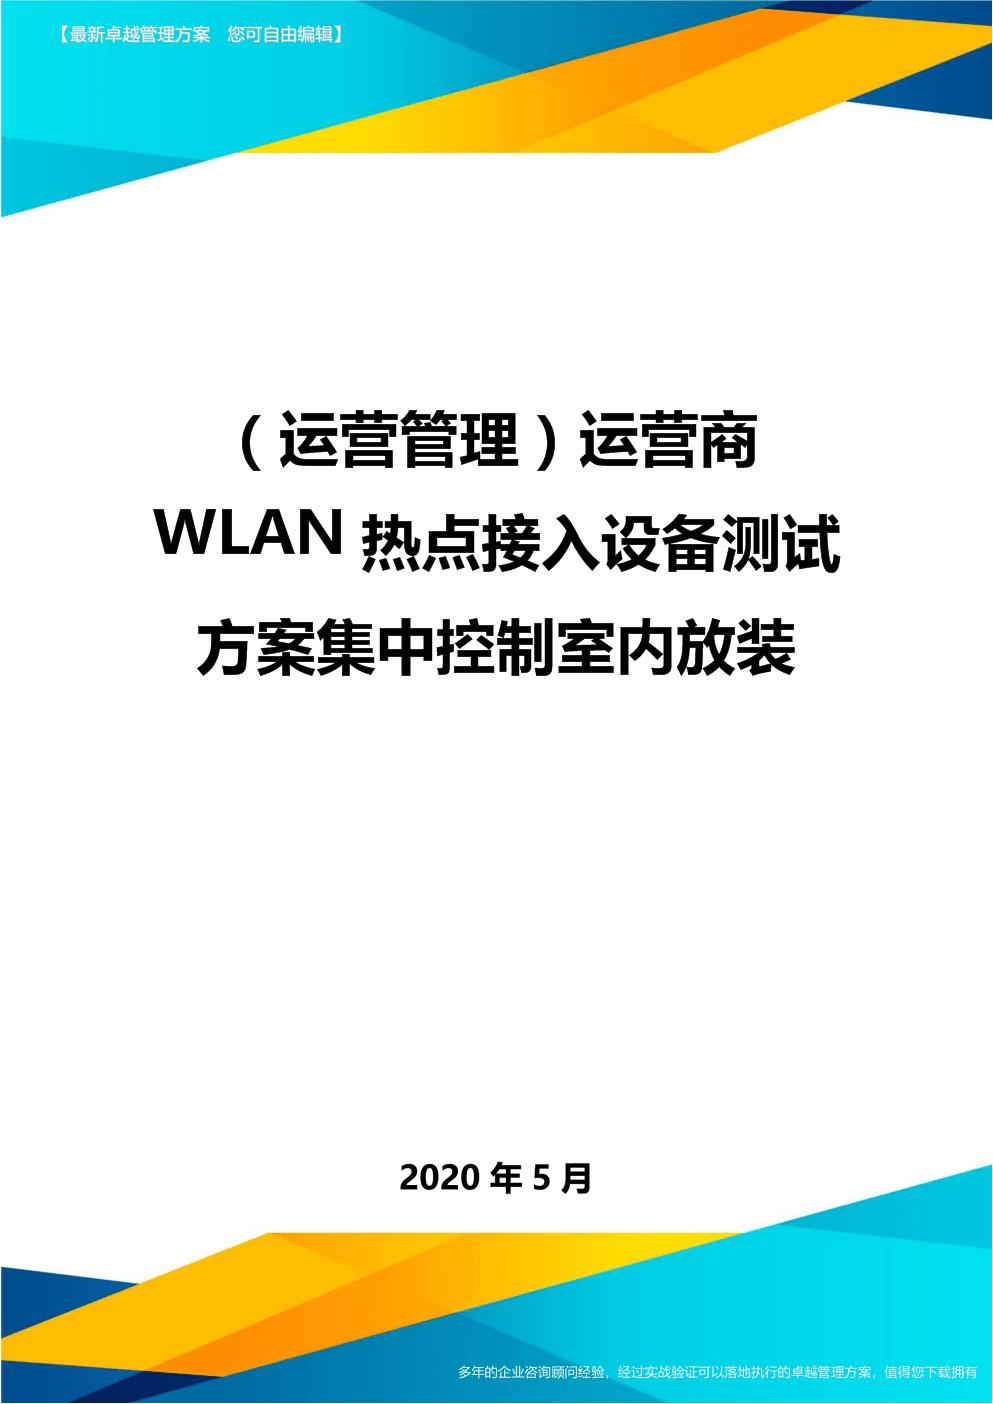 (运营管理)运营商WLAN热点接入设备测试方案集中控制室内放装.doc